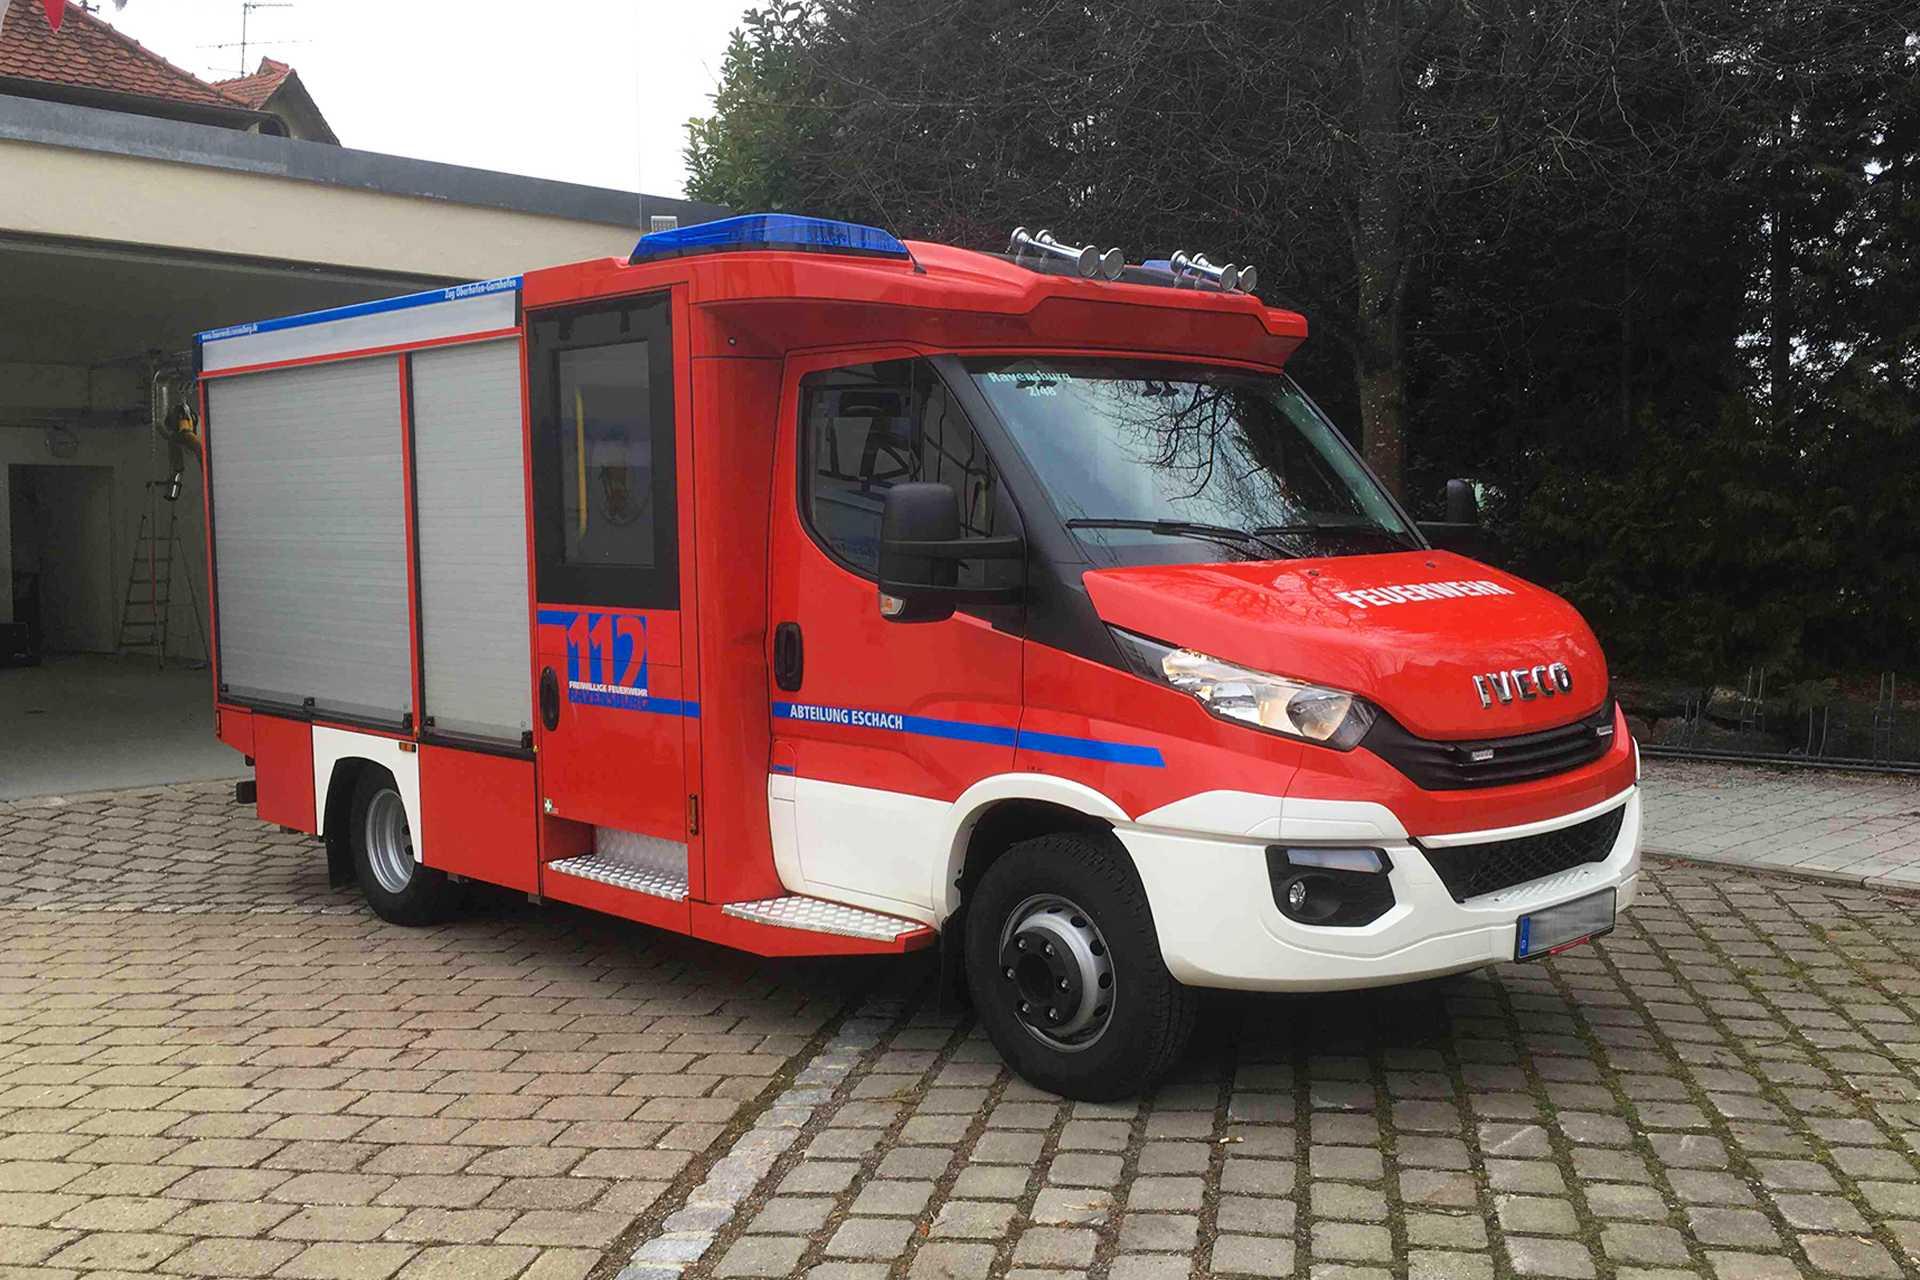 1IMG_5777_Ref_Fahrzeug